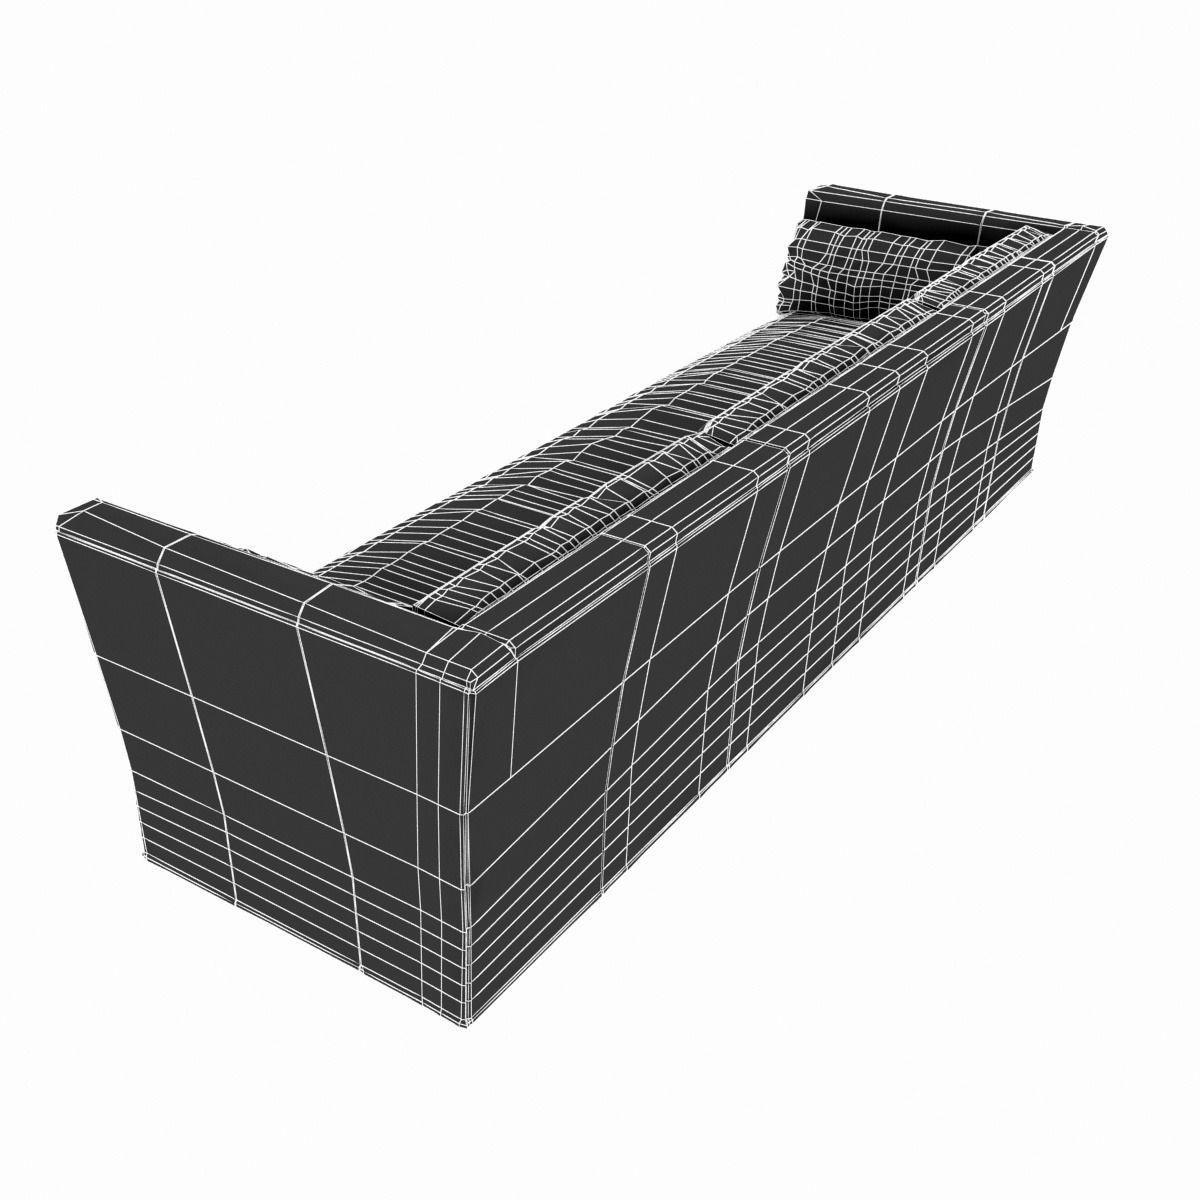 belgian shelter arm sofa backless daybed restoration hardware l 3d model max